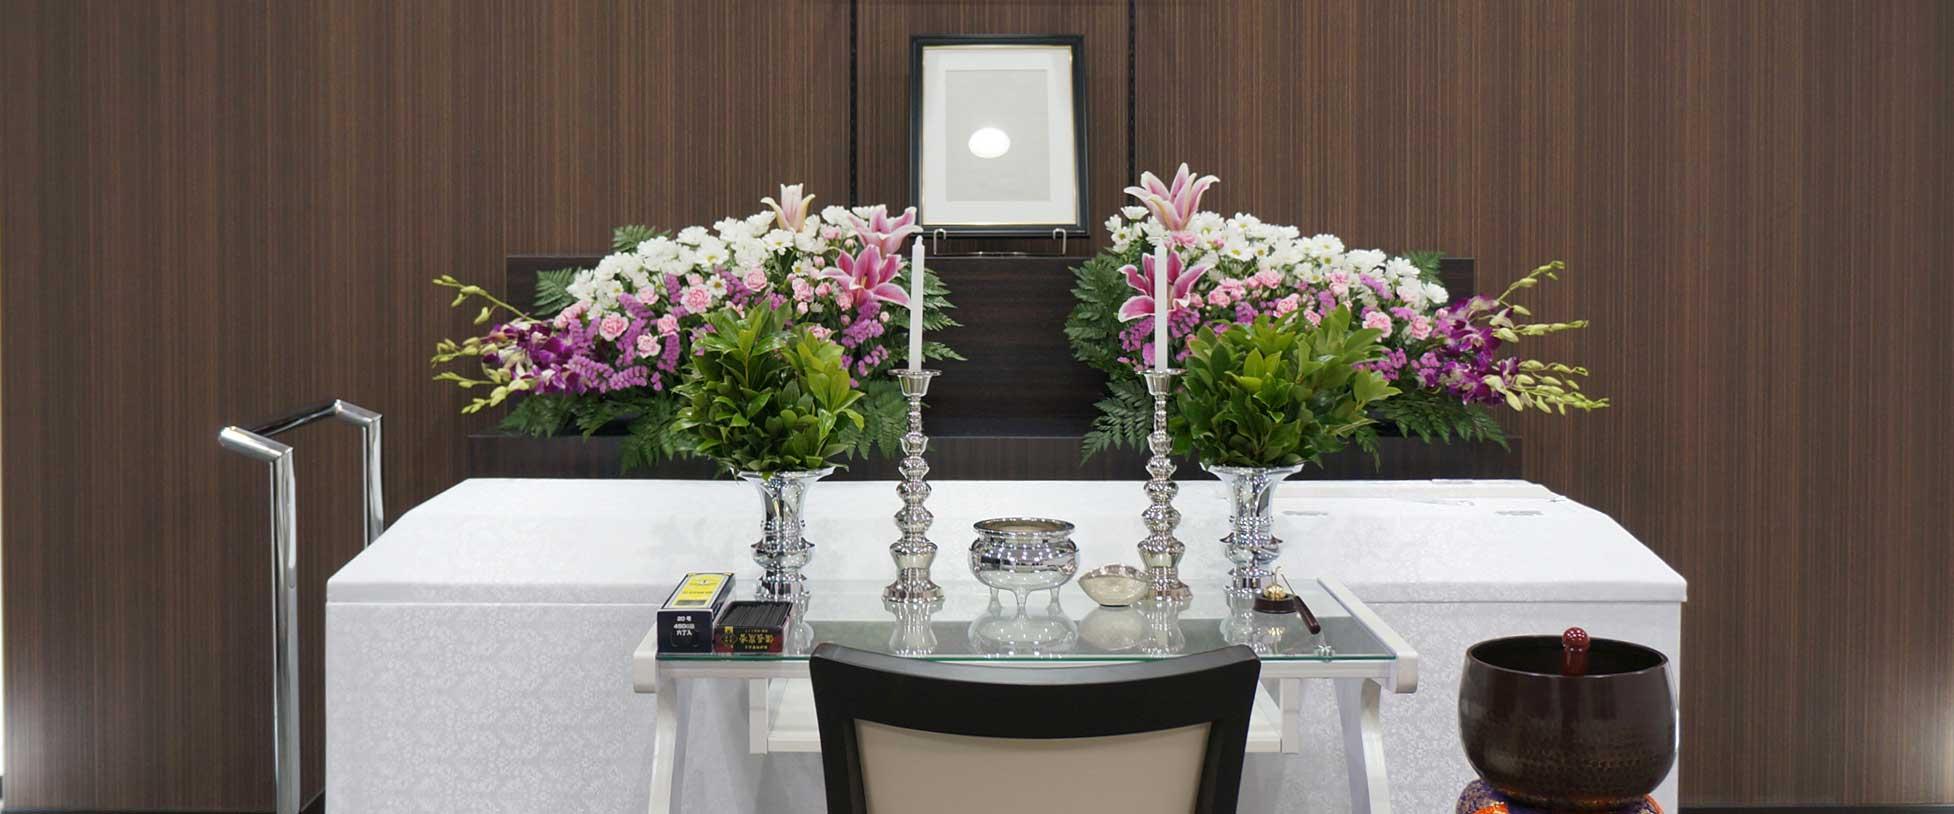 アーバン家族葬プランA ヘッダー画像